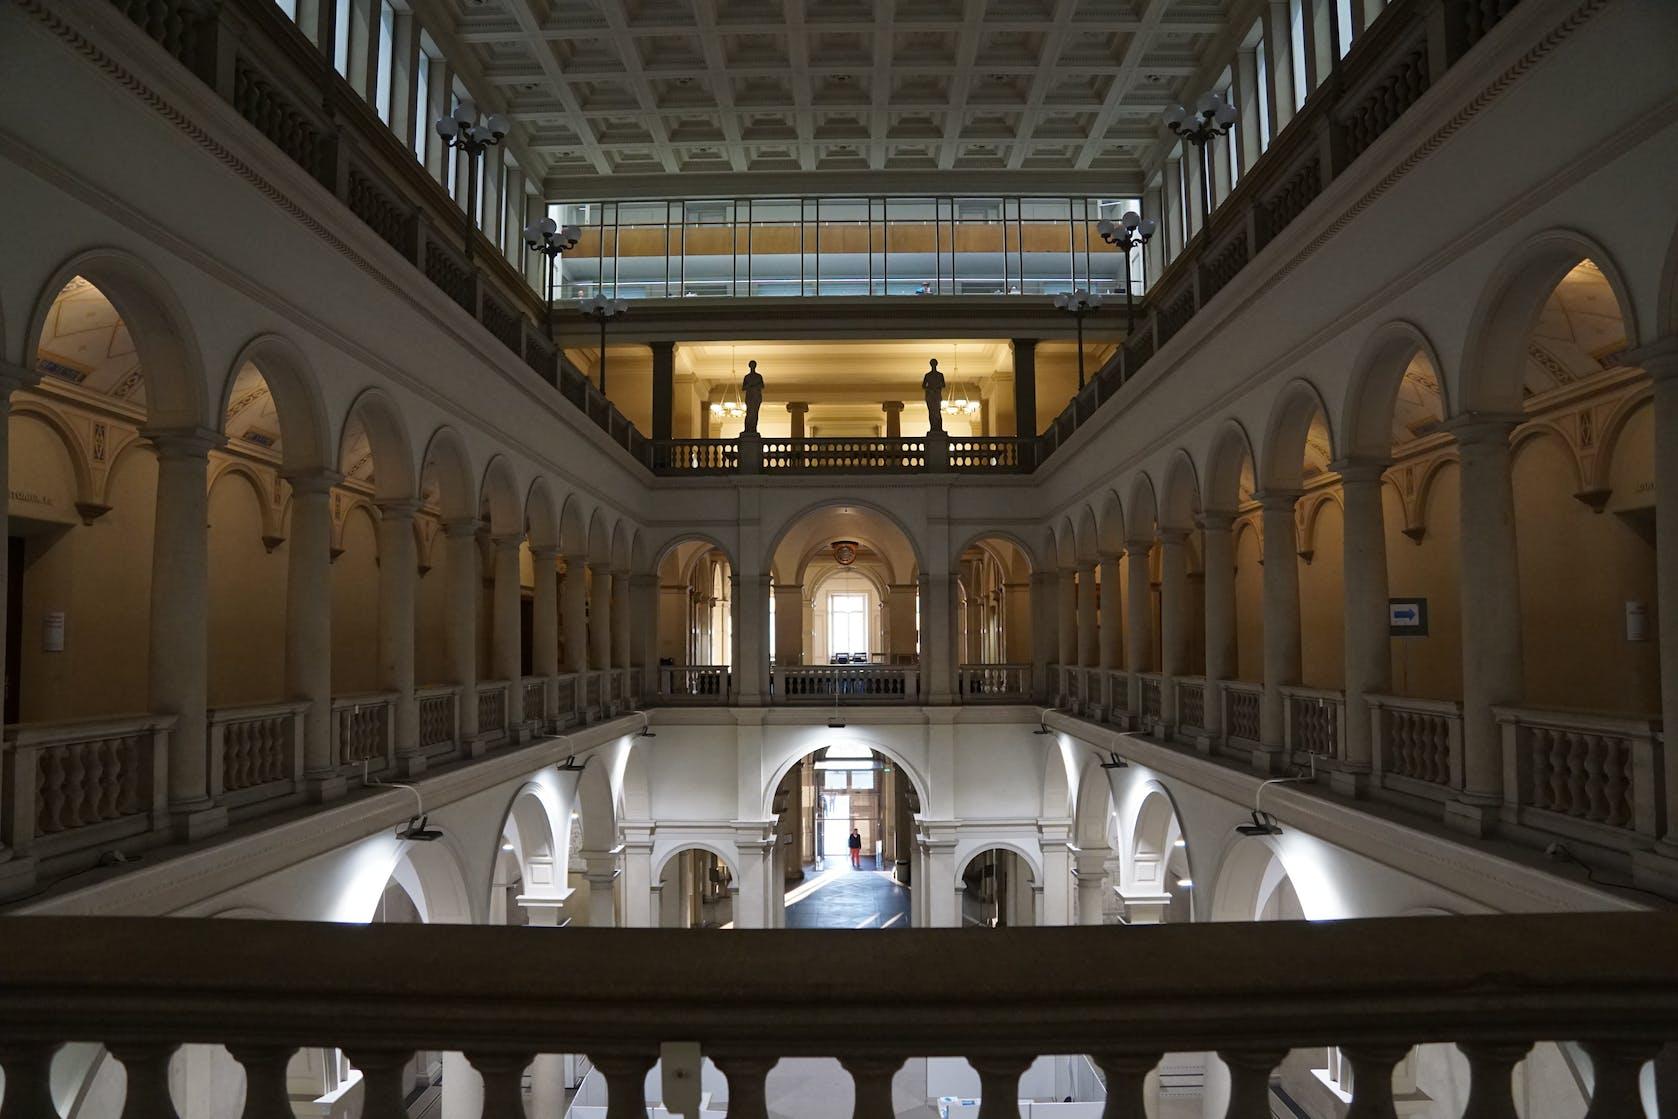 Schweiz: Rekurs gegen Zertifikatspflicht an Universität hat aufschiebende Wirkung